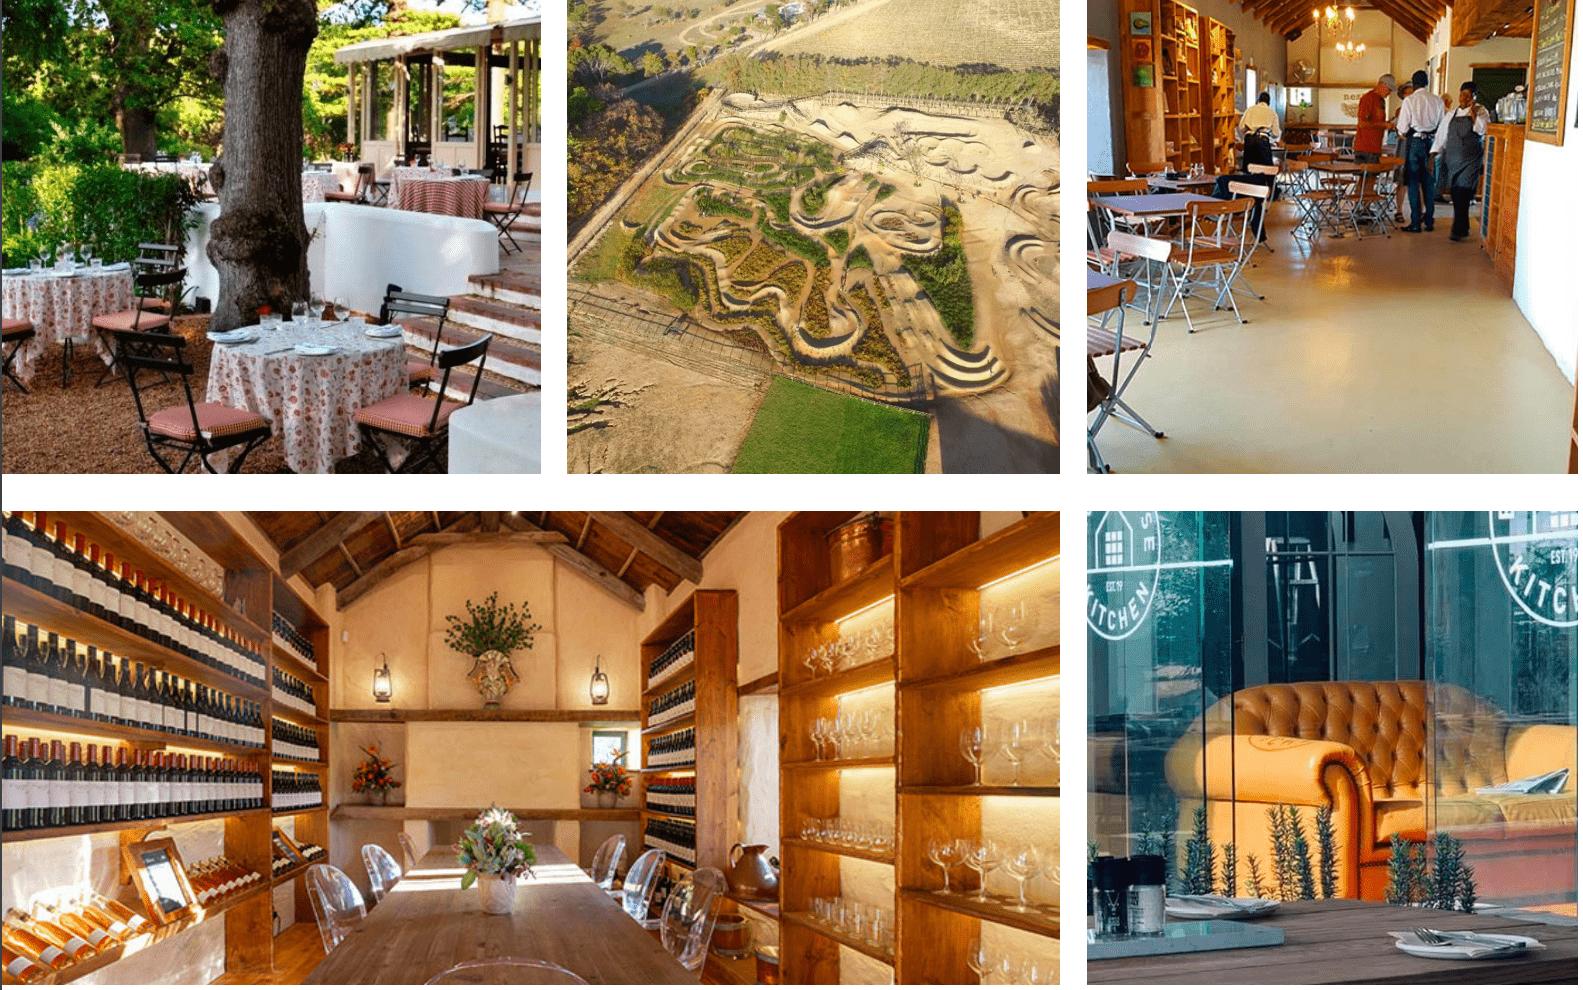 south-africa-constantia-uitsig-wine-estate